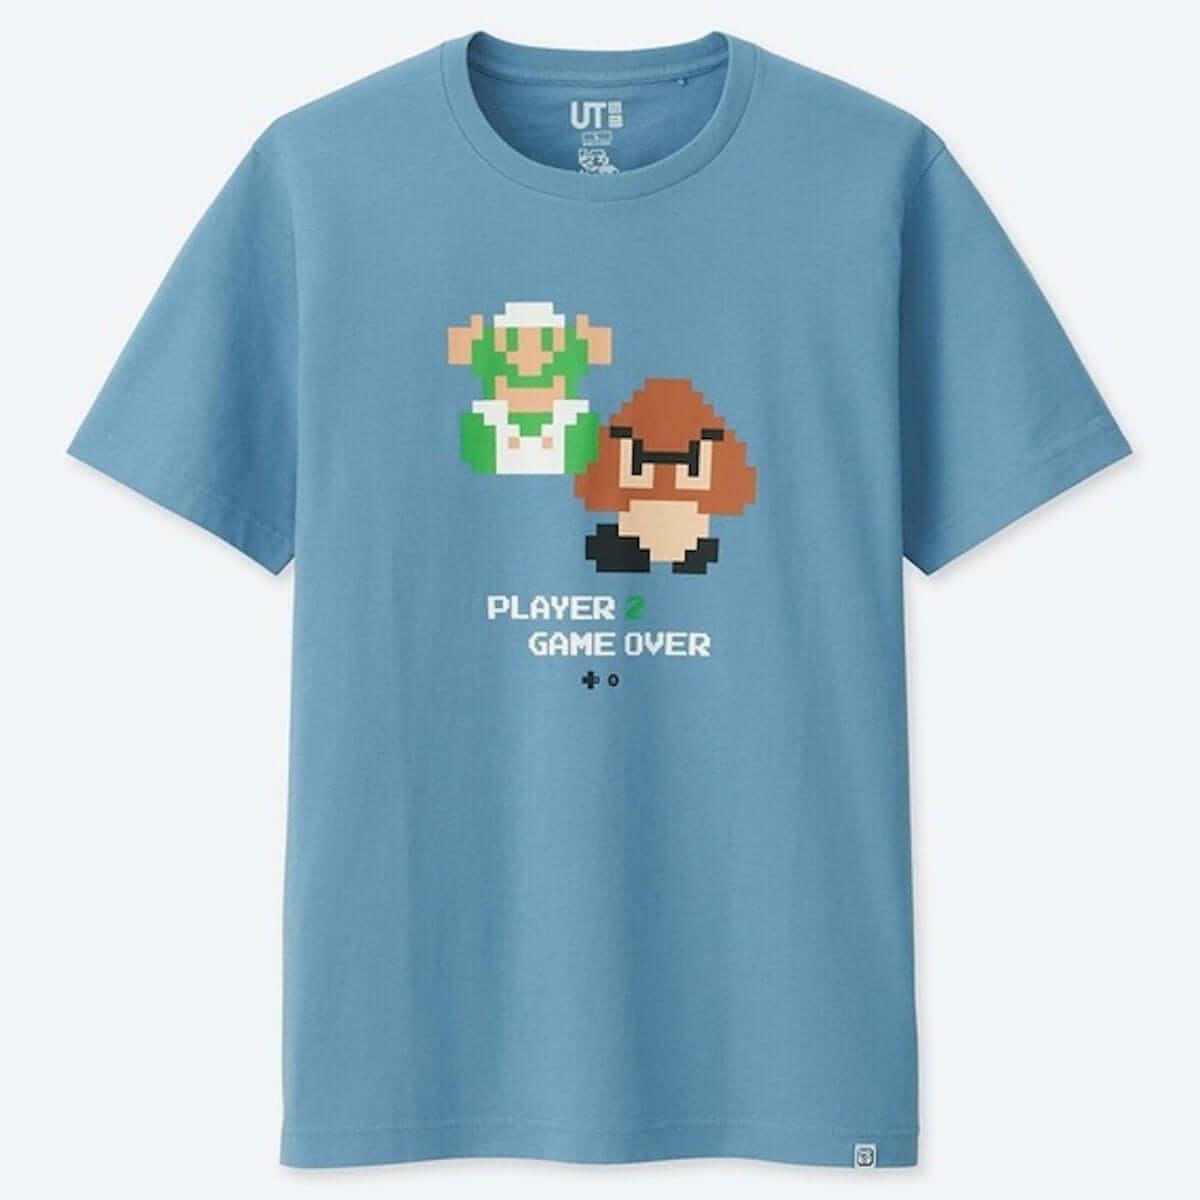 懐かしのあのドット絵がTシャツに!『スーパーマリオ』のUTコレクションが発売 190131_ut_4-min-1200x1200